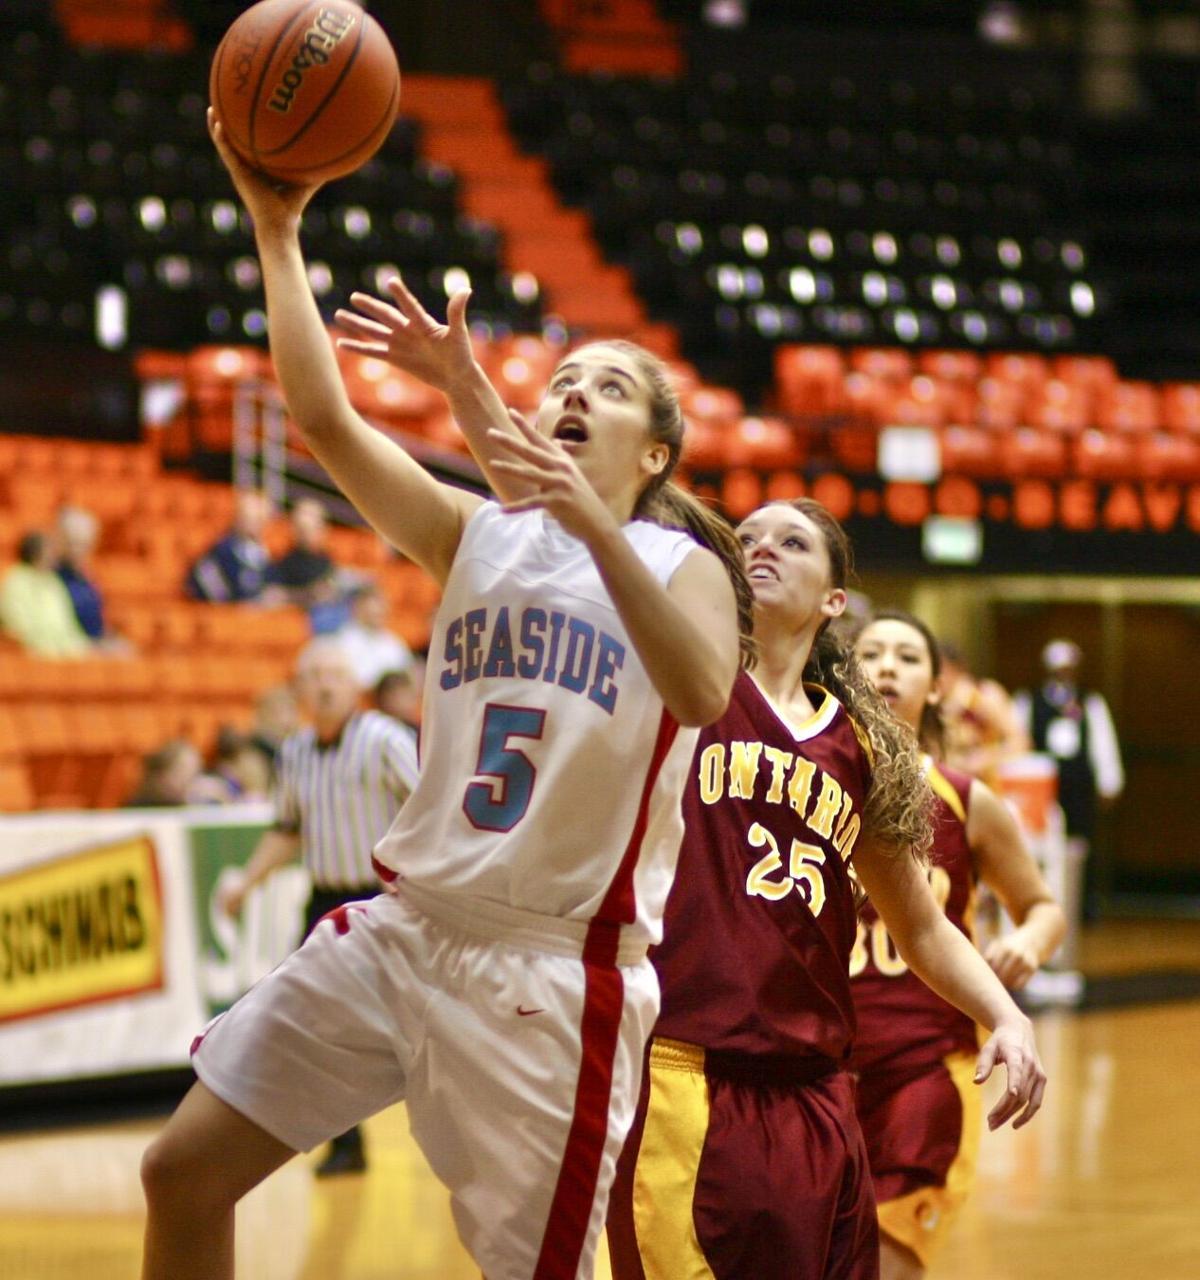 Marla Olstedt, Seaside basketball